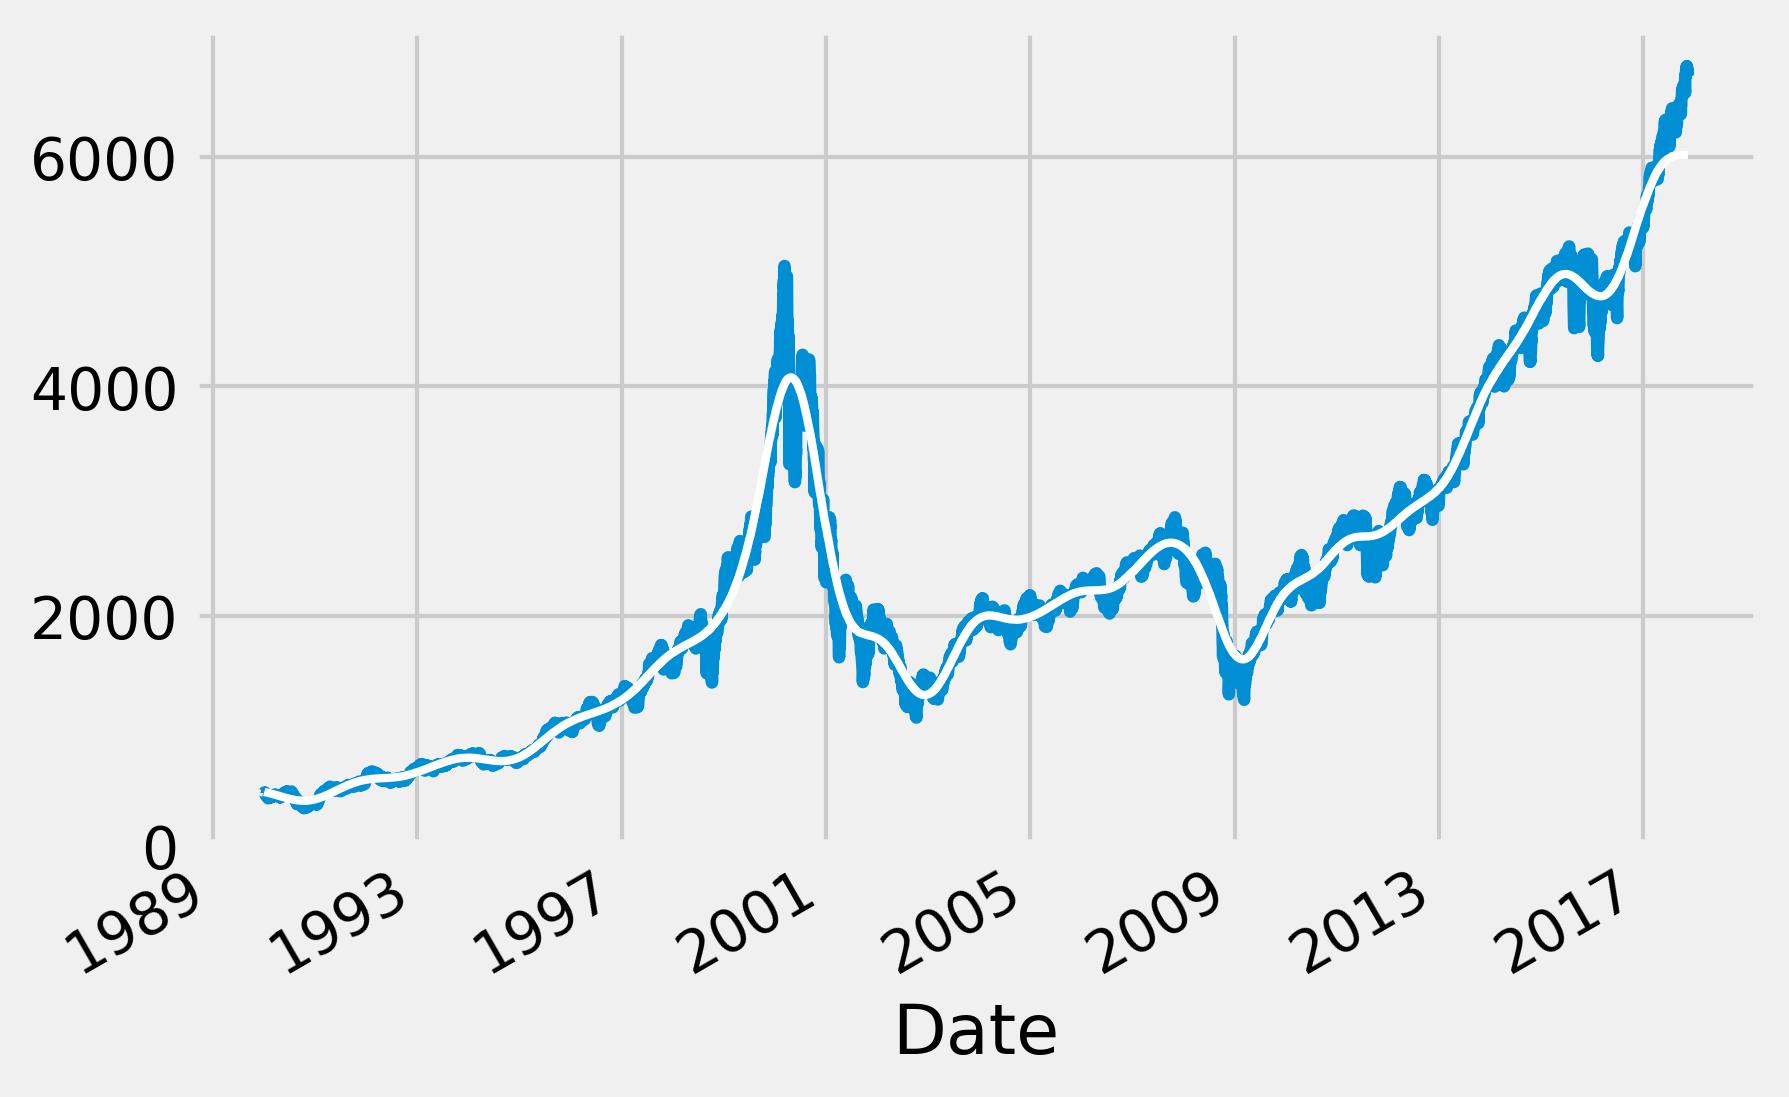 <matplotlib.figure.Figure at 0x1223add8>